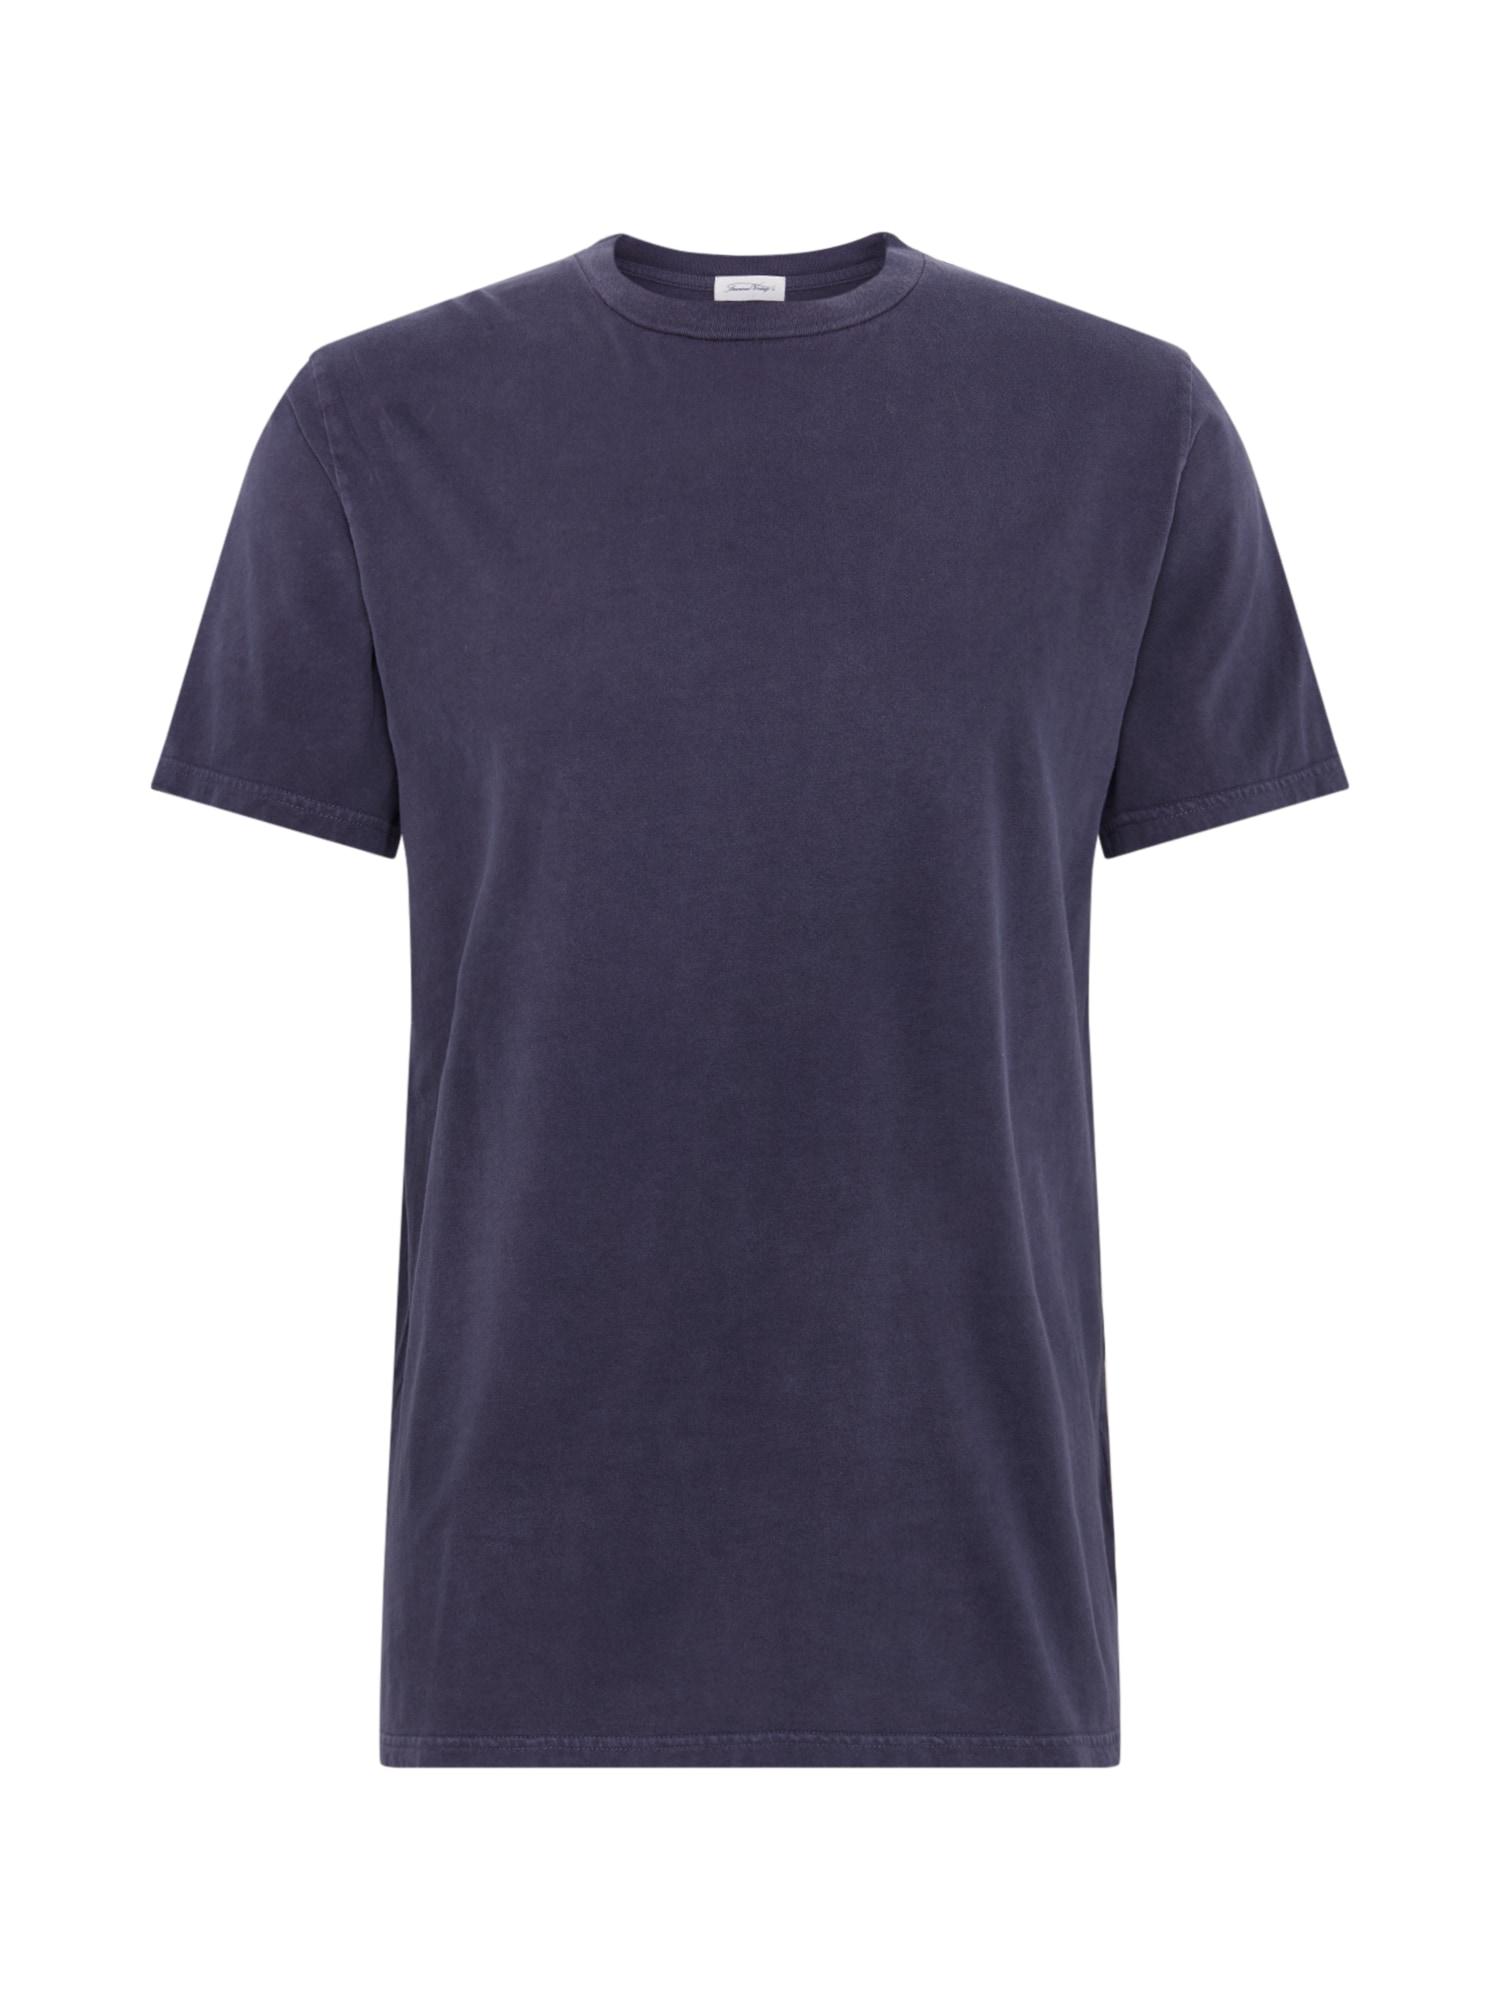 AMERICAN VINTAGE Marškinėliai 'FUZYCITY' tamsiai pilka